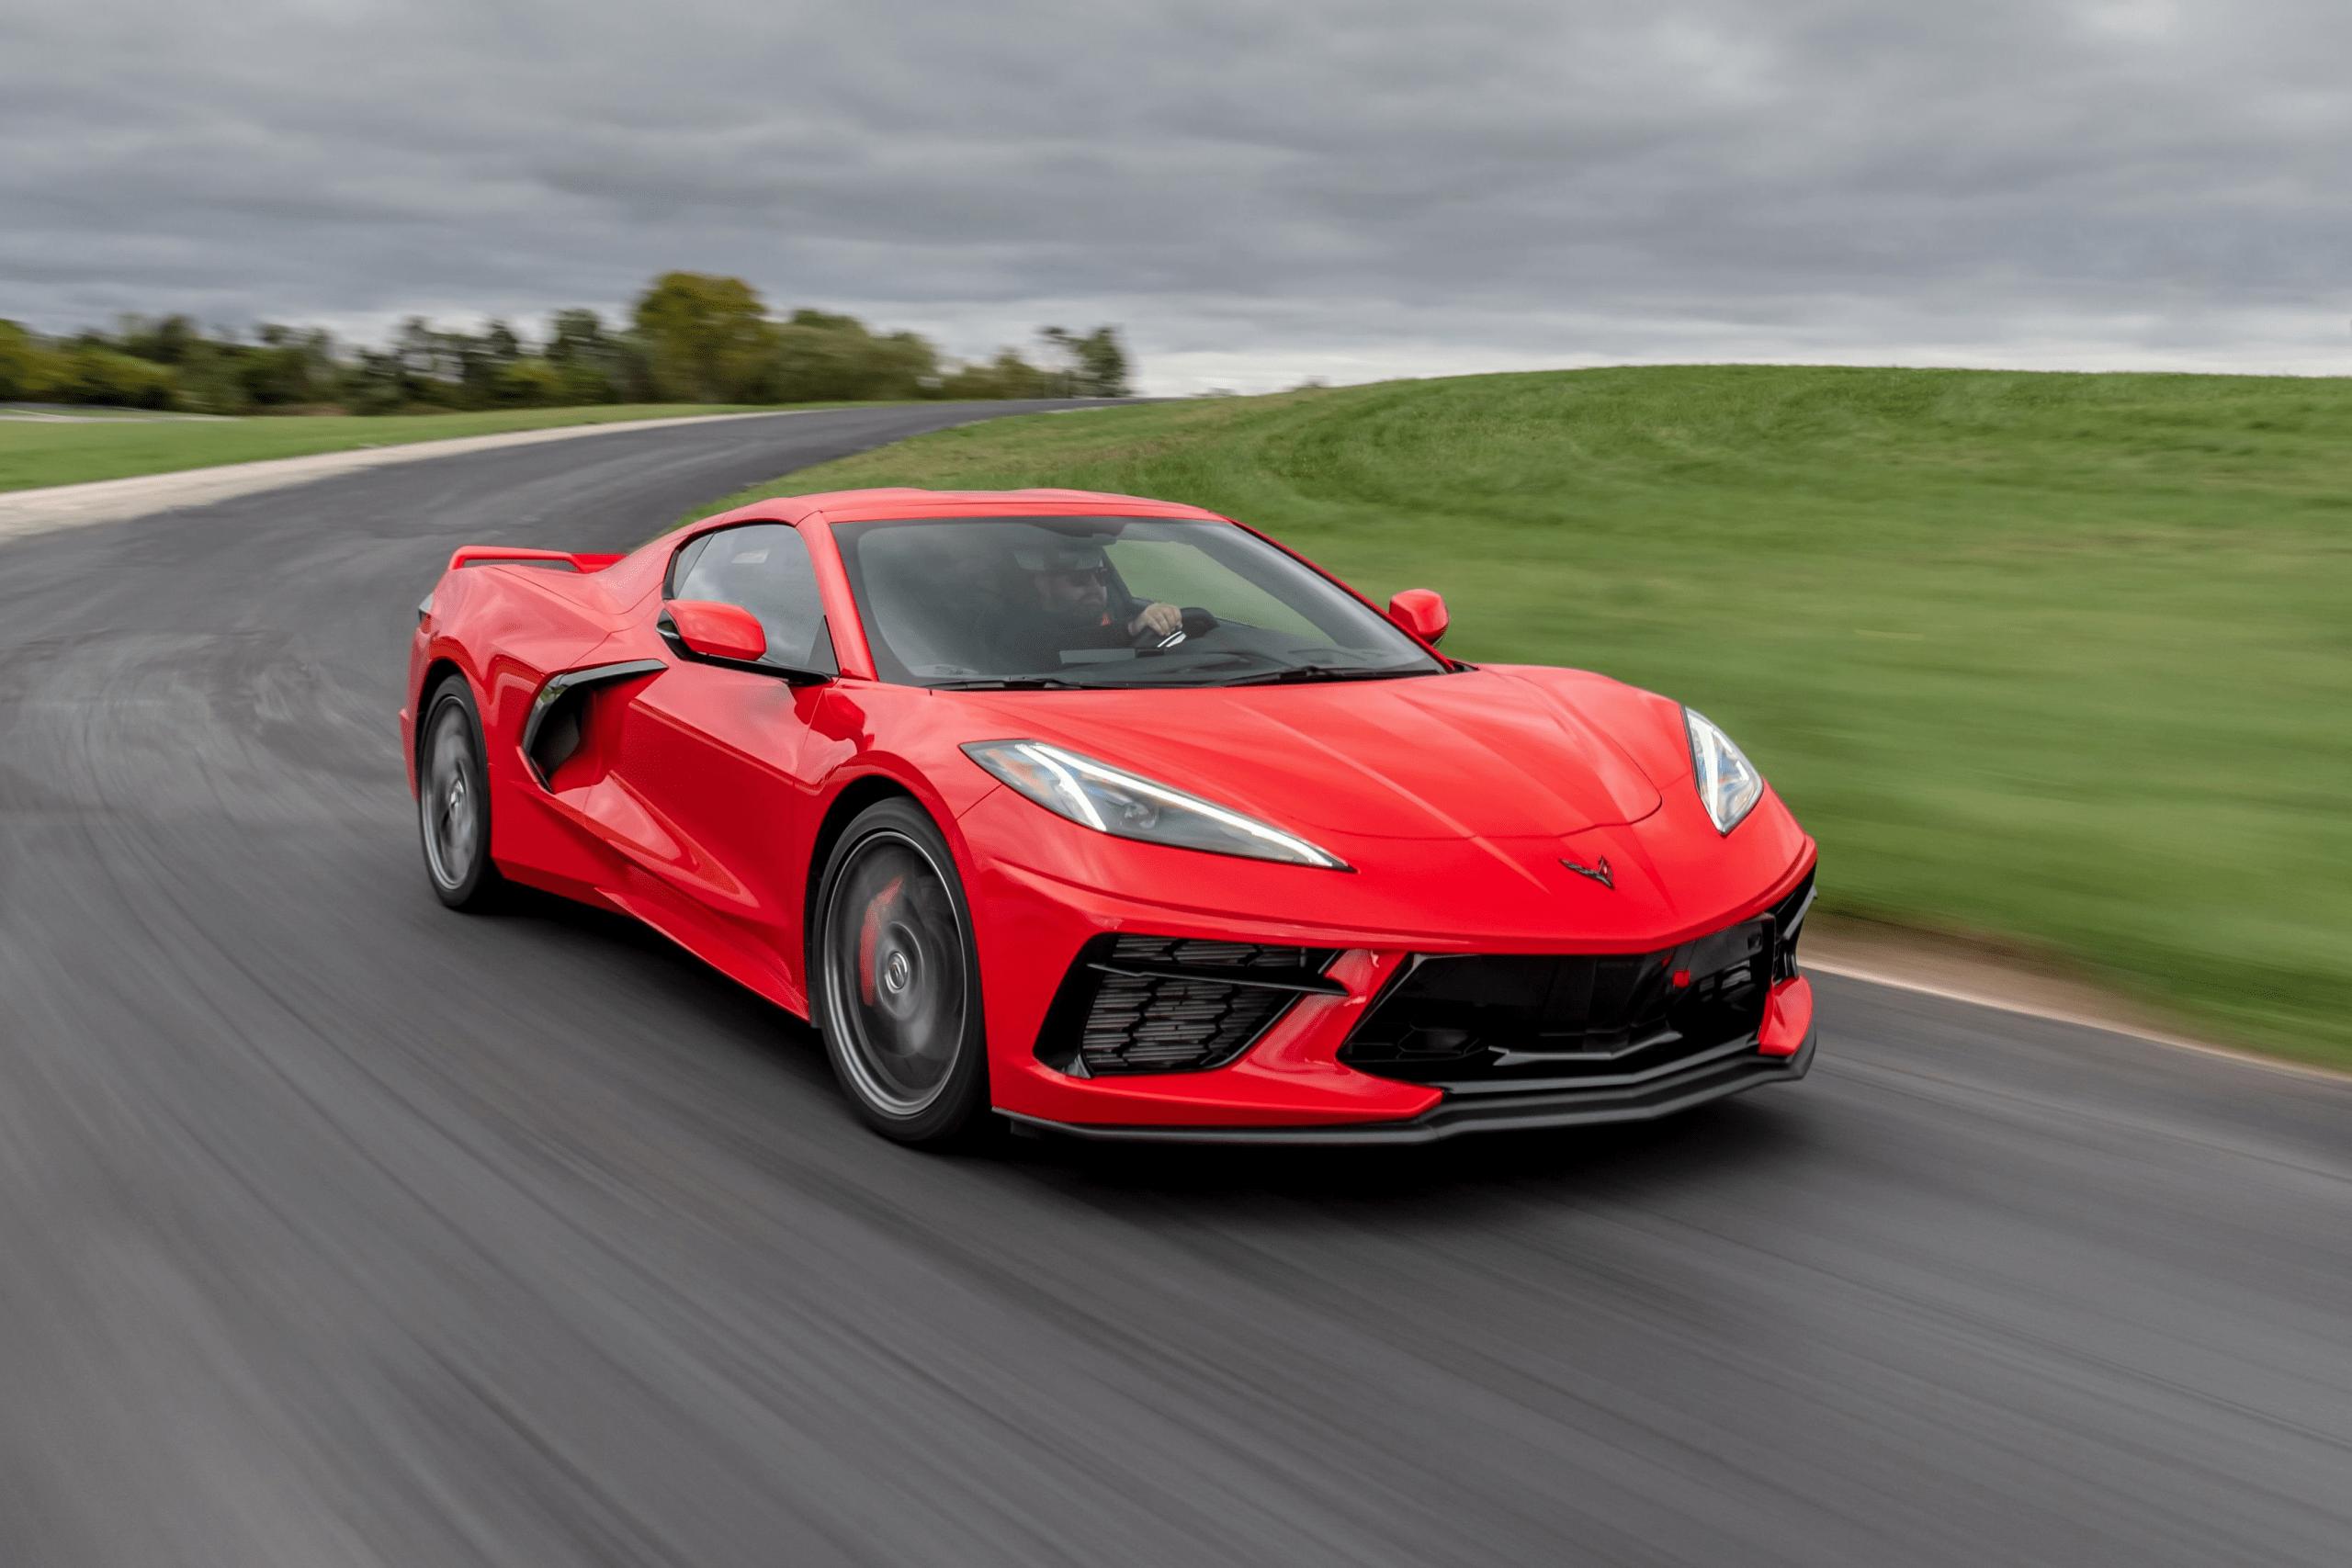 2021 Corvette Z07 Rumors